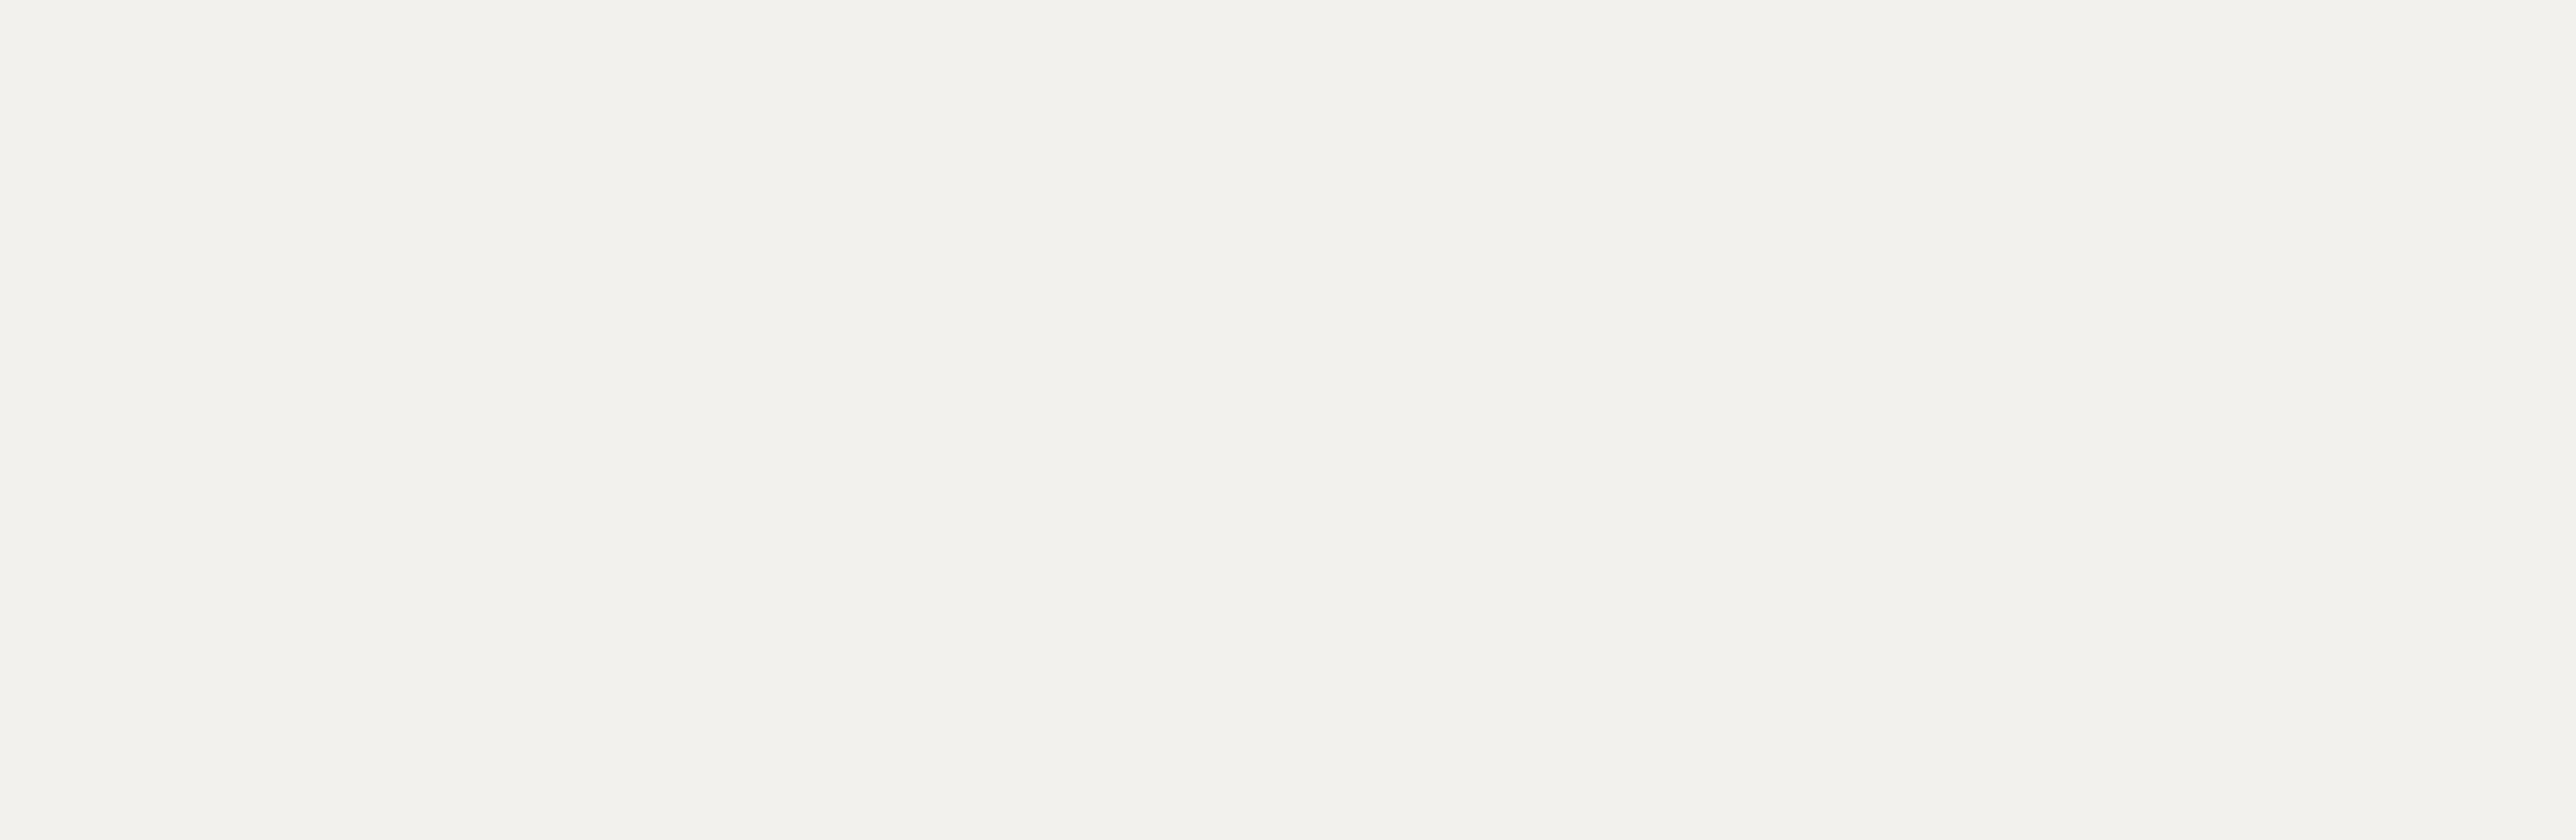 Купить Керамическая плитка Mei Winter Vine белый (O-WIN-WTA051) настенная 29x89, Россия